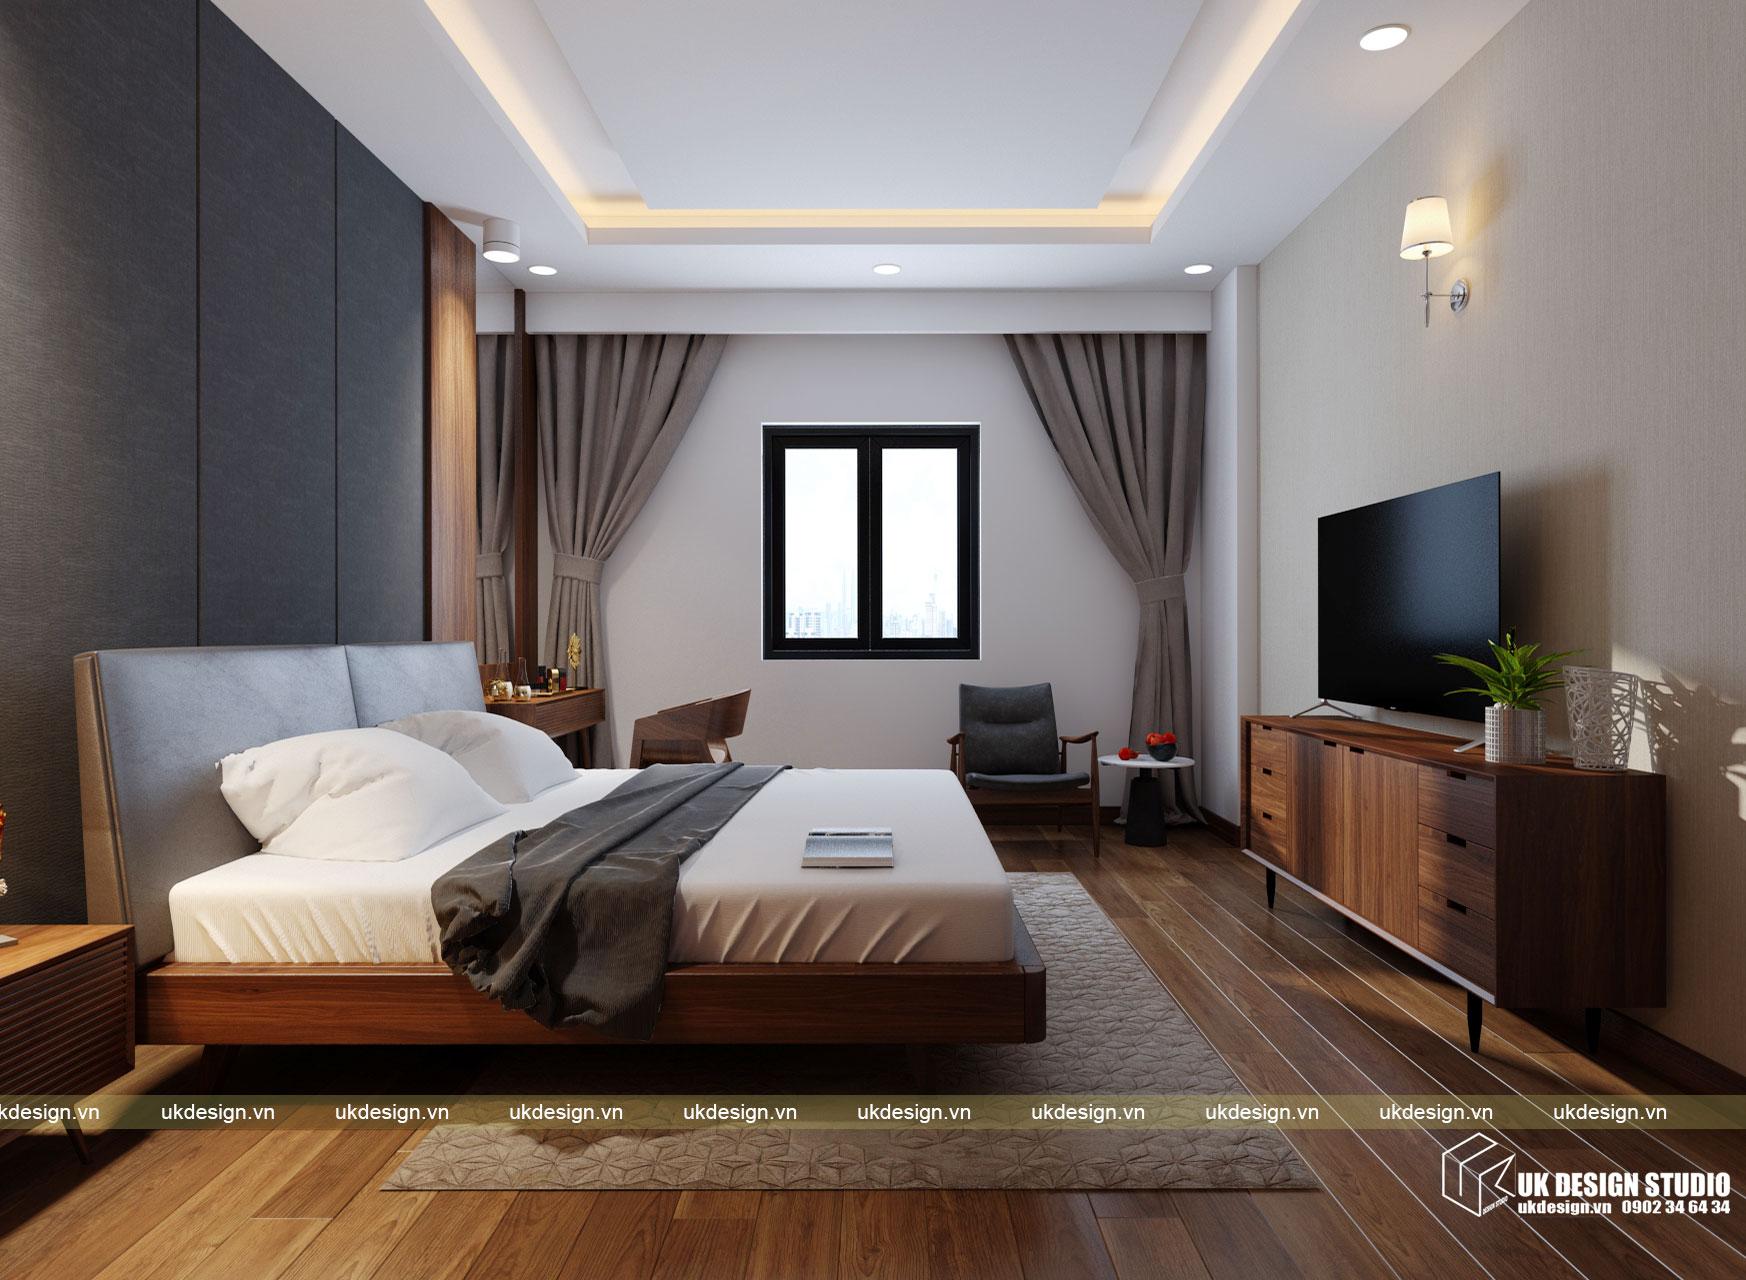 Thiết kế nội thất nhà phố 4m 16